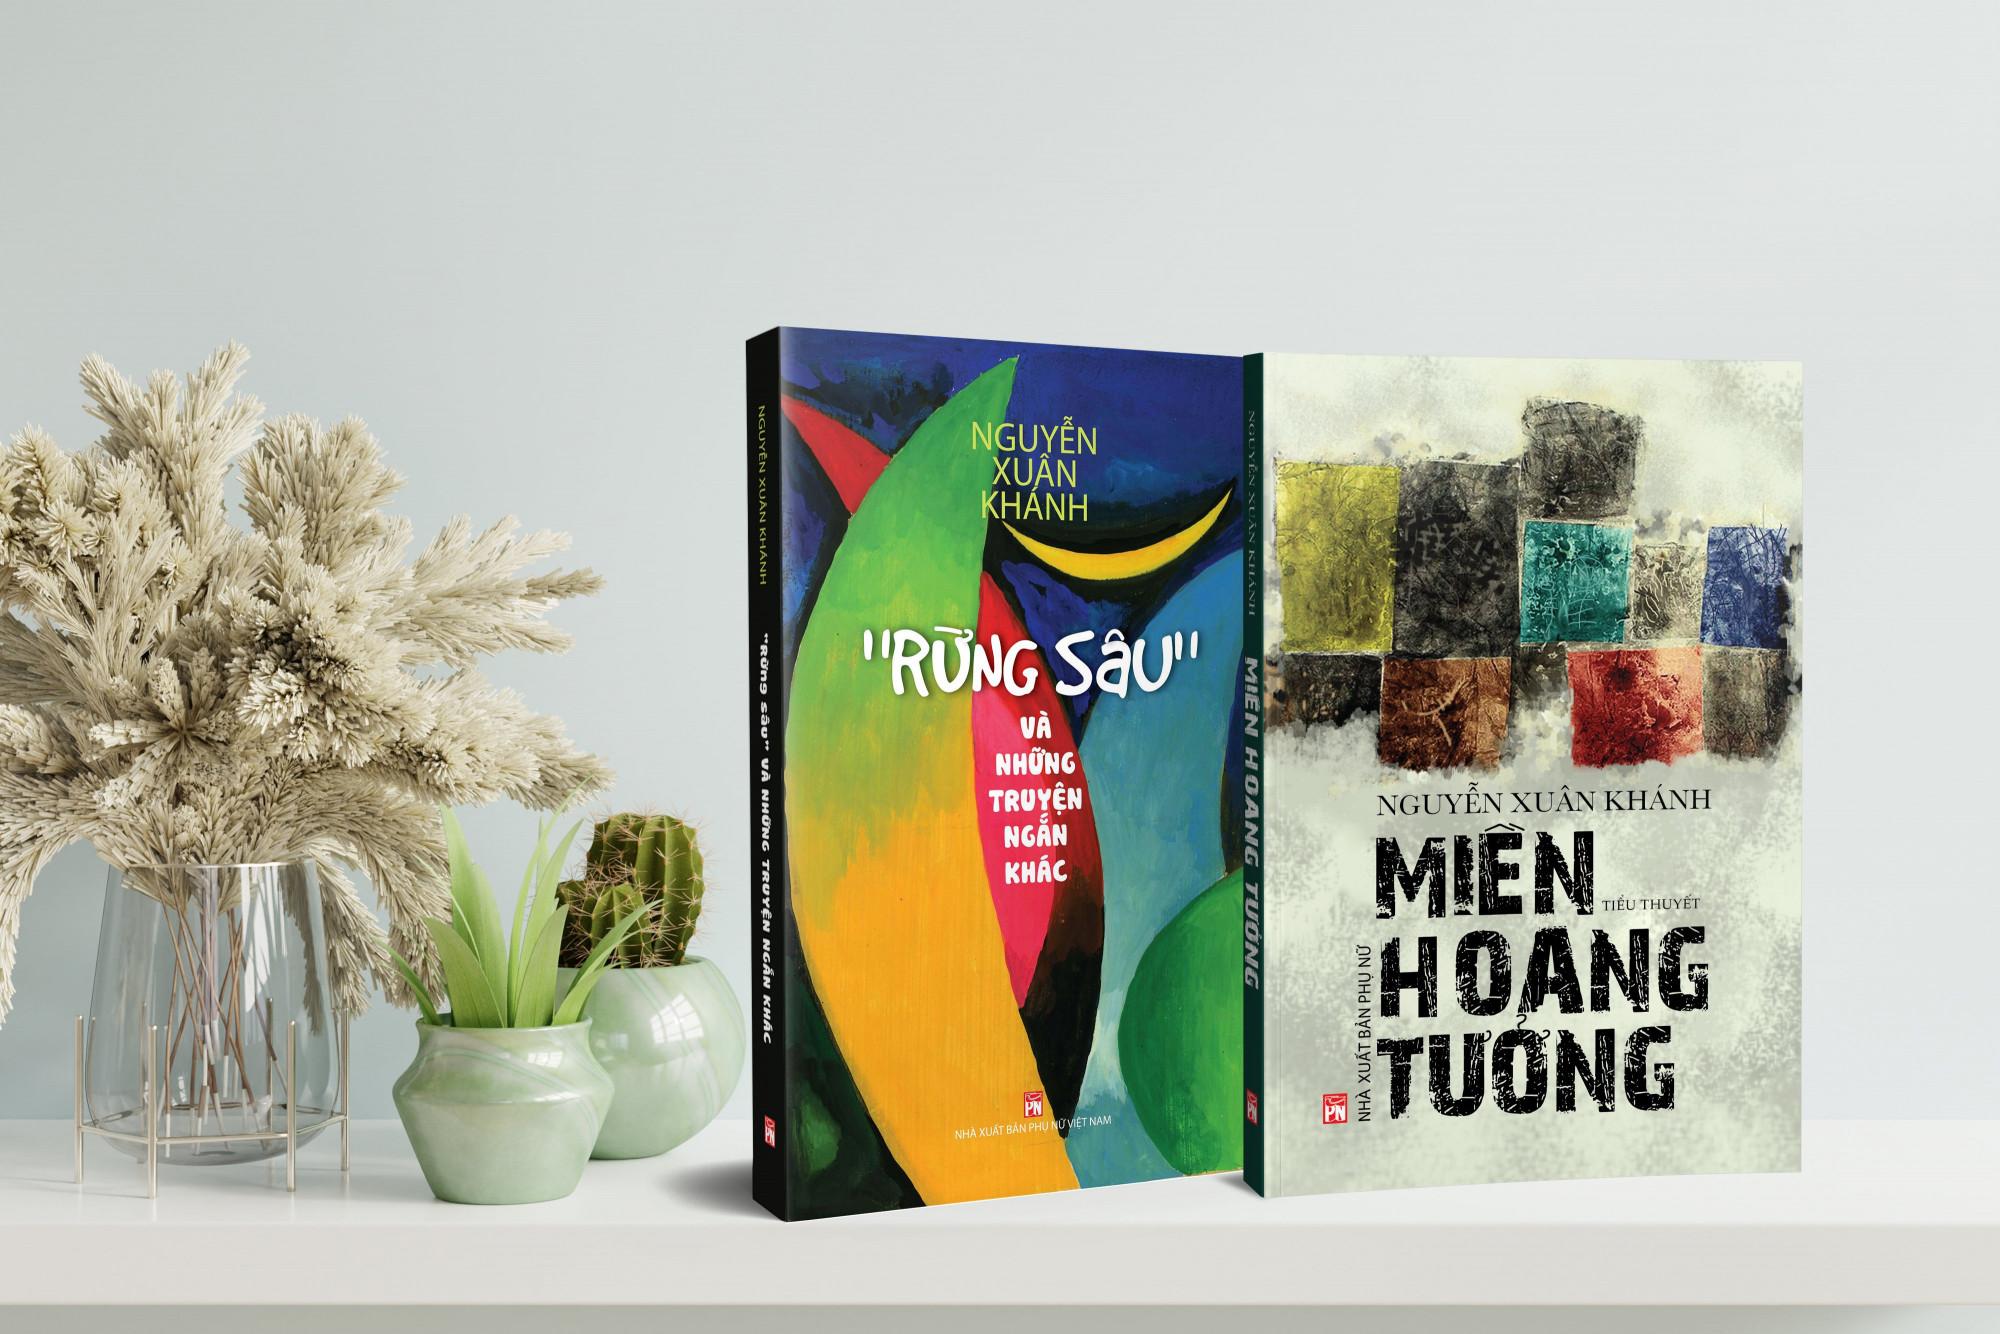 Cuộc đời riêng đầy vất vả và chông gai, nhà văn Nguyễn Xuân Khánh đã viết nên những tác phẩm có giá trị vượt thời gian